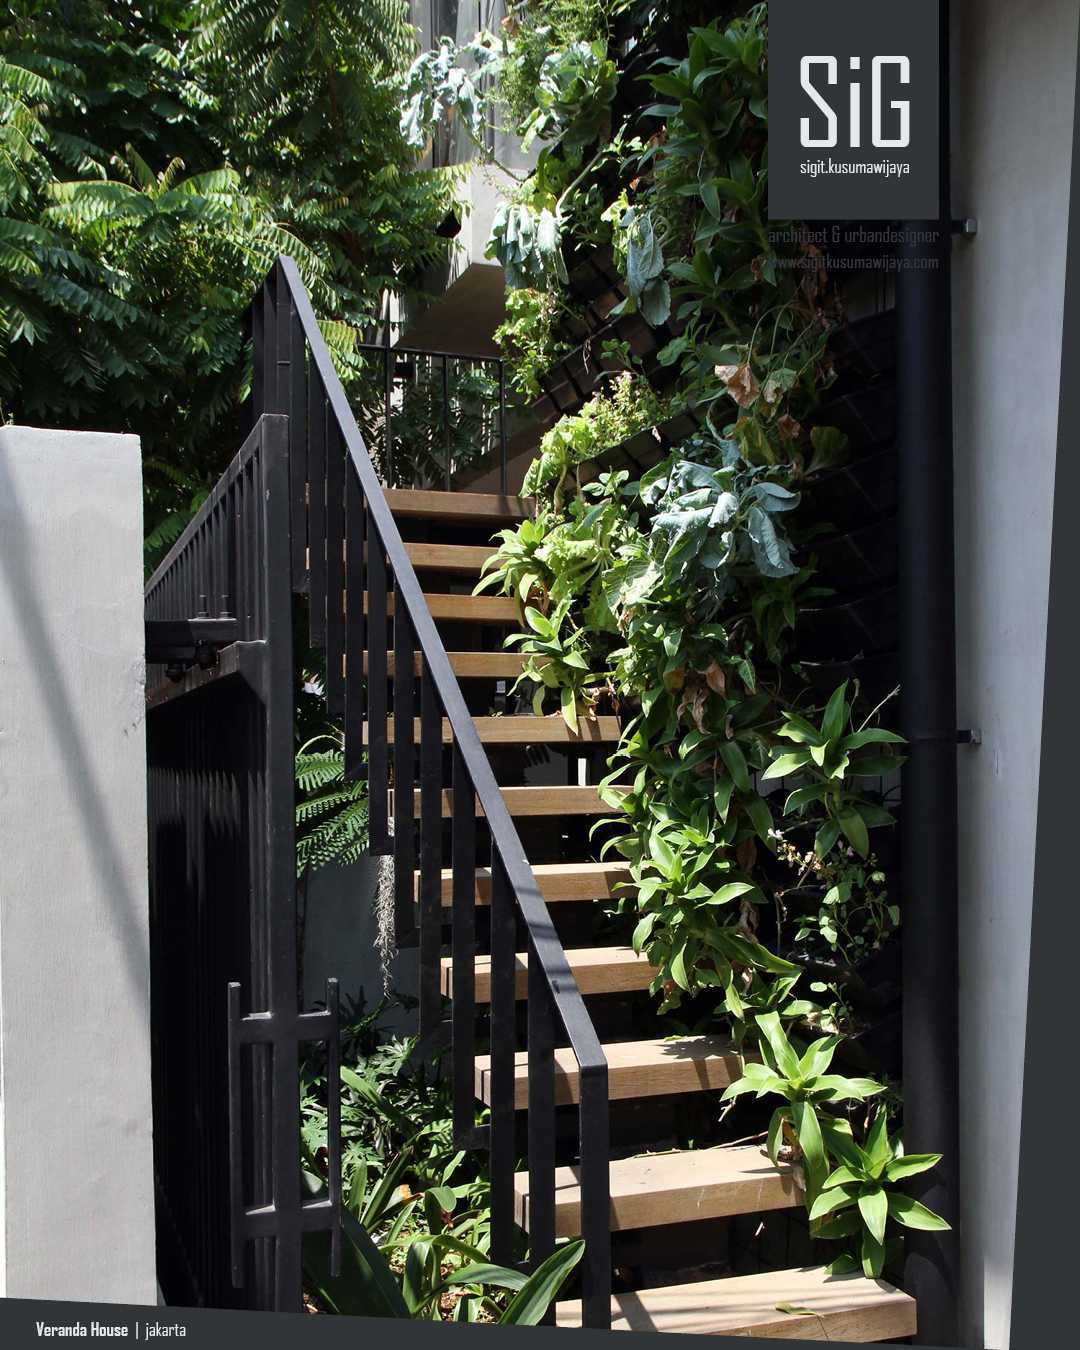 Foto inspirasi ide desain tangga industrial Sigitkusumawijaya-architect-urbandesigner-rumah-beranda-green-boarding-house oleh sigit.kusumawijaya | architect & urbandesigner di Arsitag